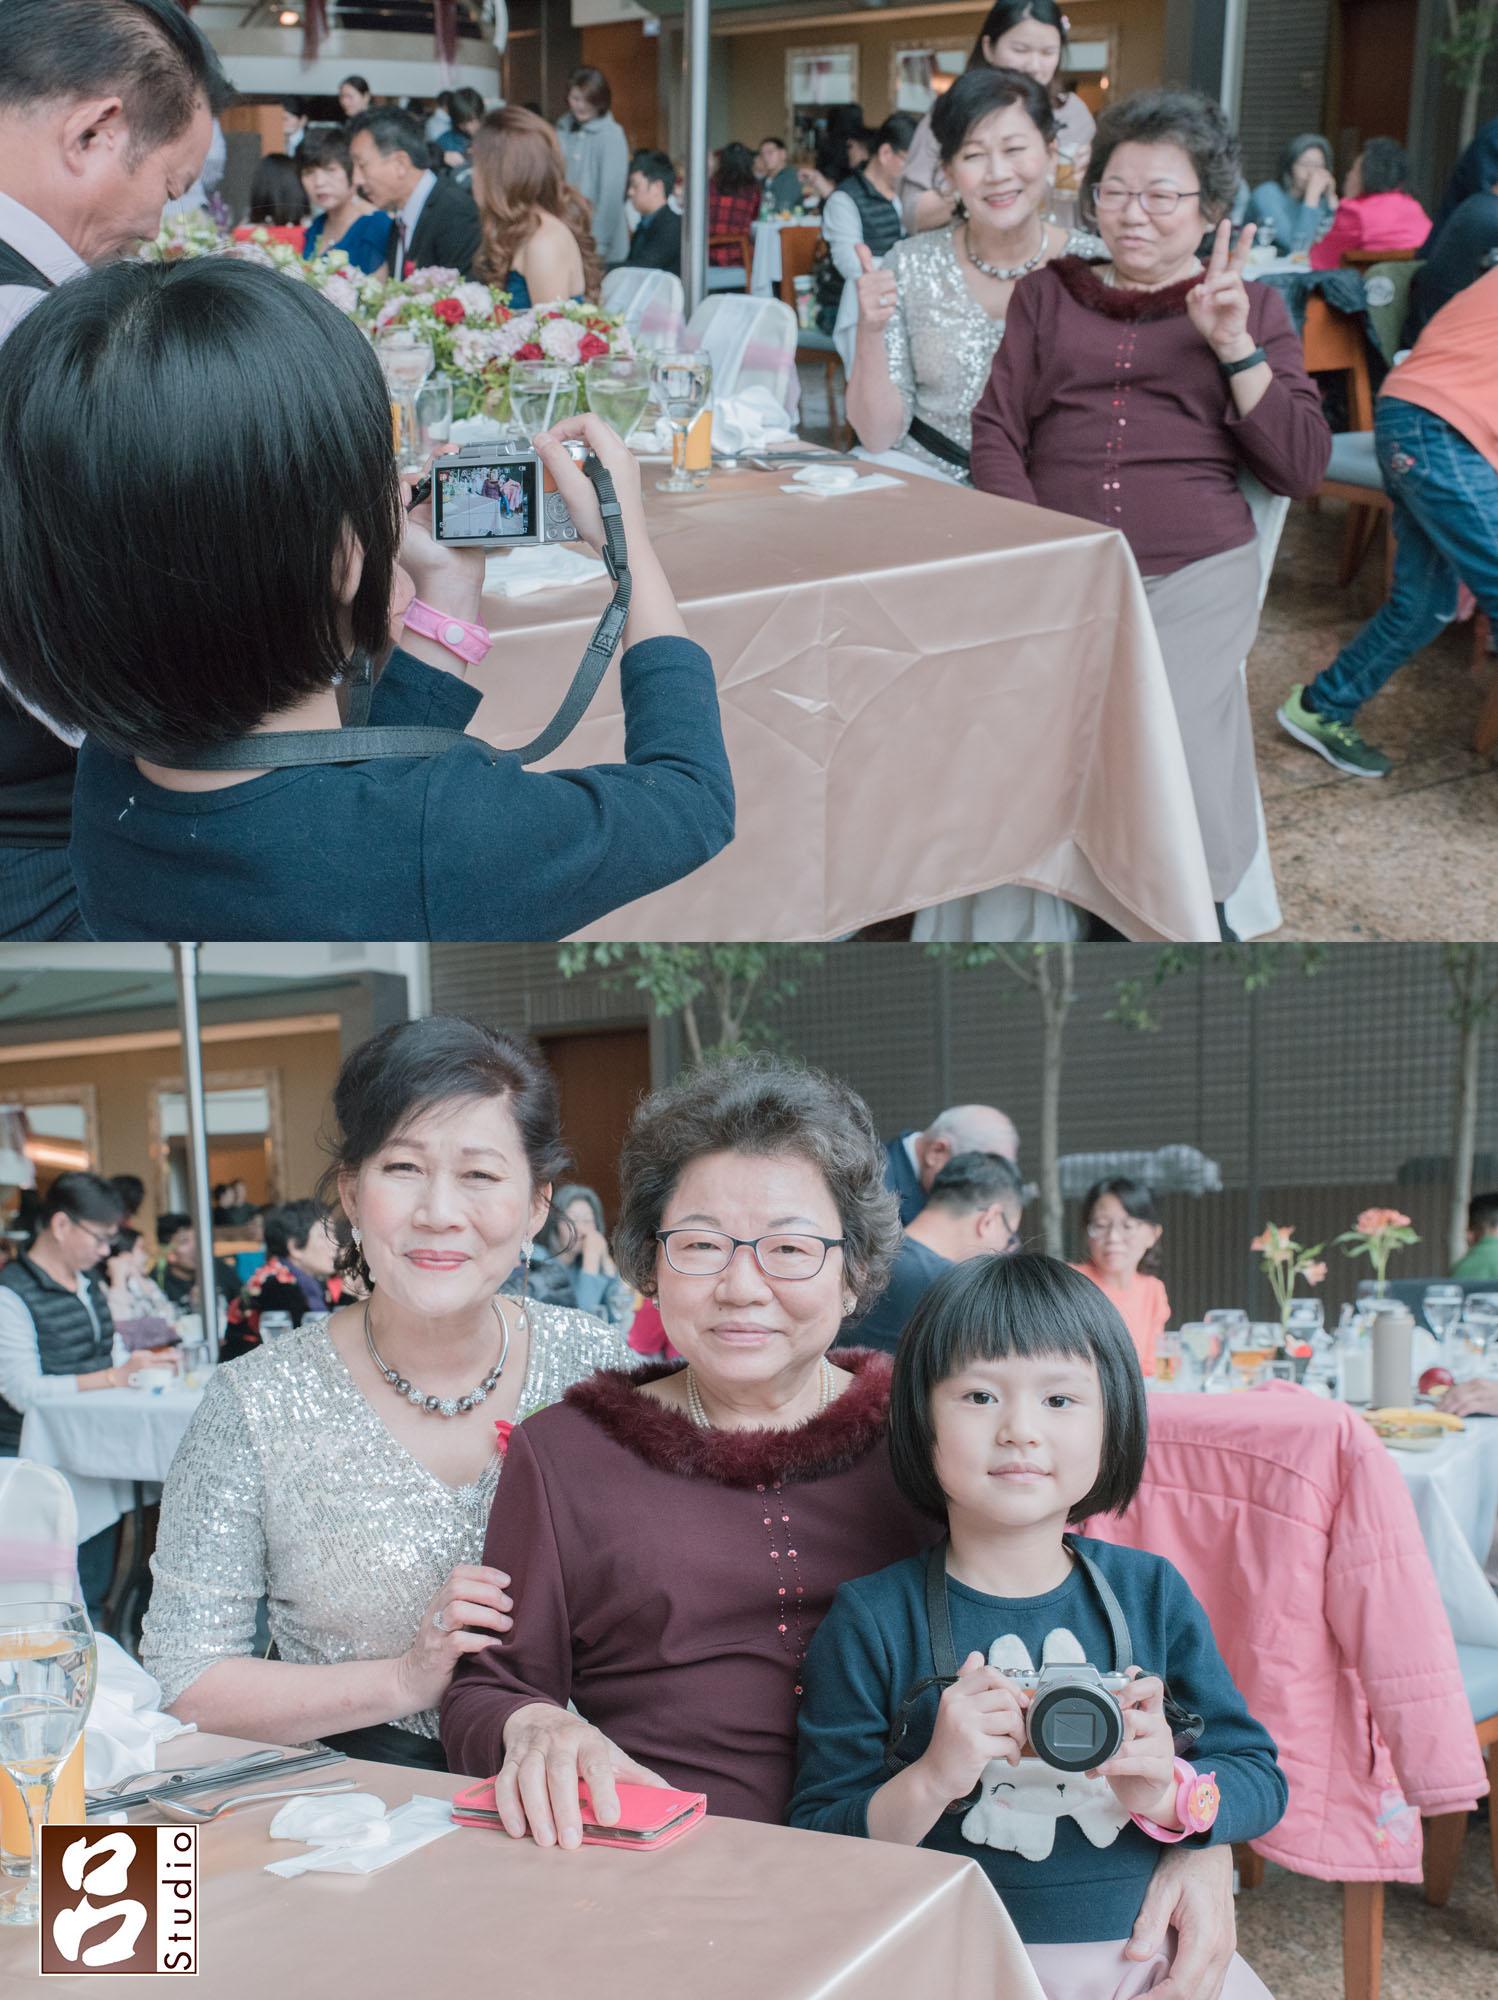 婚禮當天新娘在化妝,旁邊的小朋友沒看過一直看的新秘幫姑姑上假睫毛